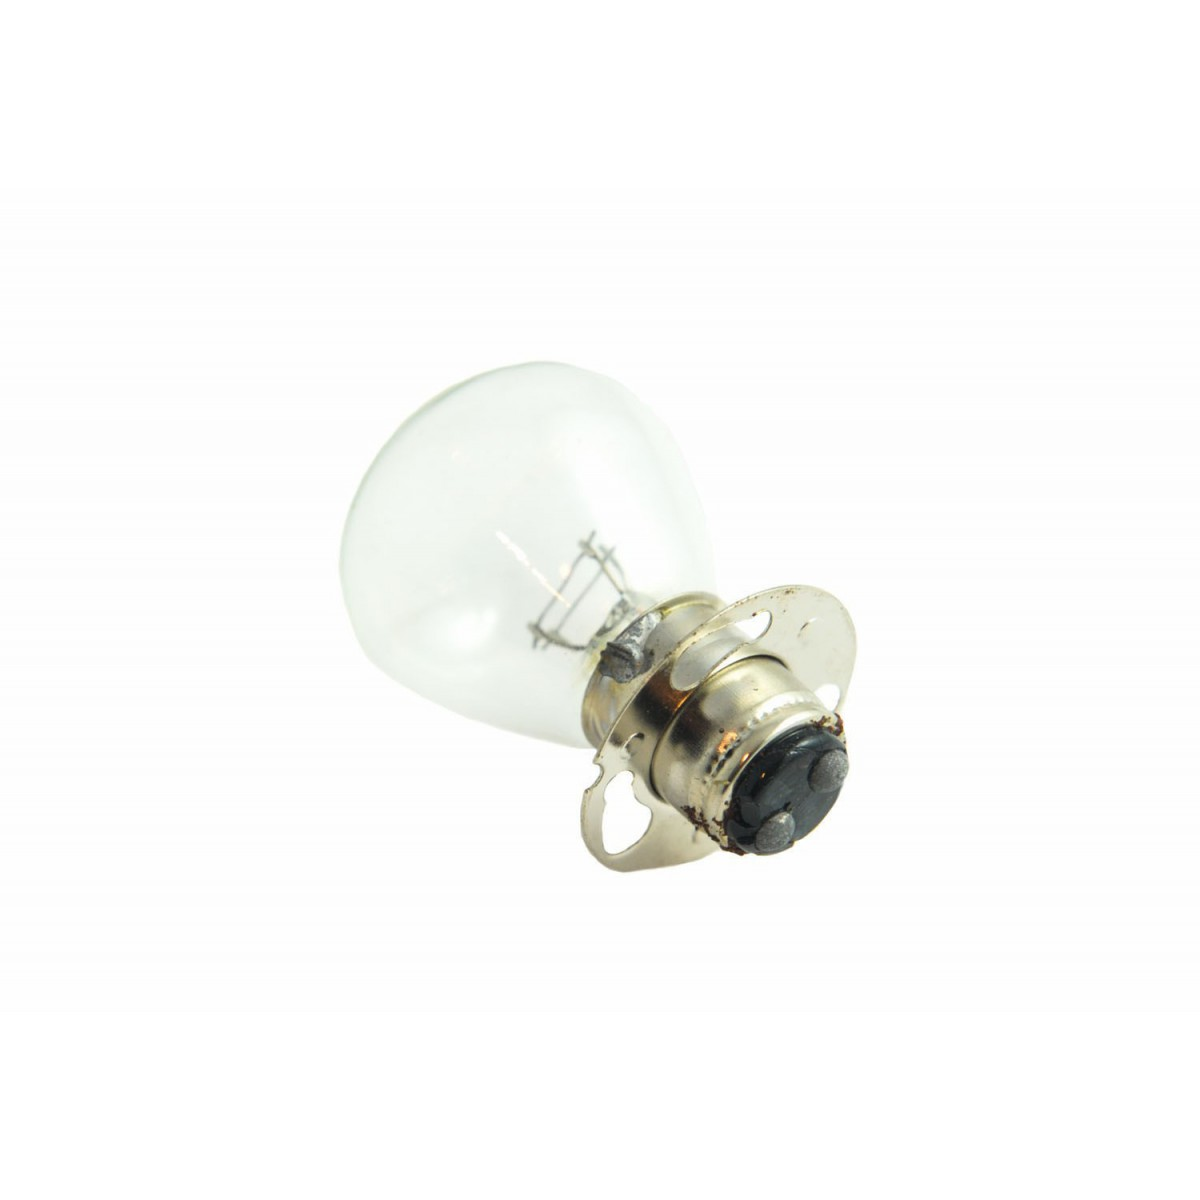 Bulb 12V 35W, RP35 P15 D-30